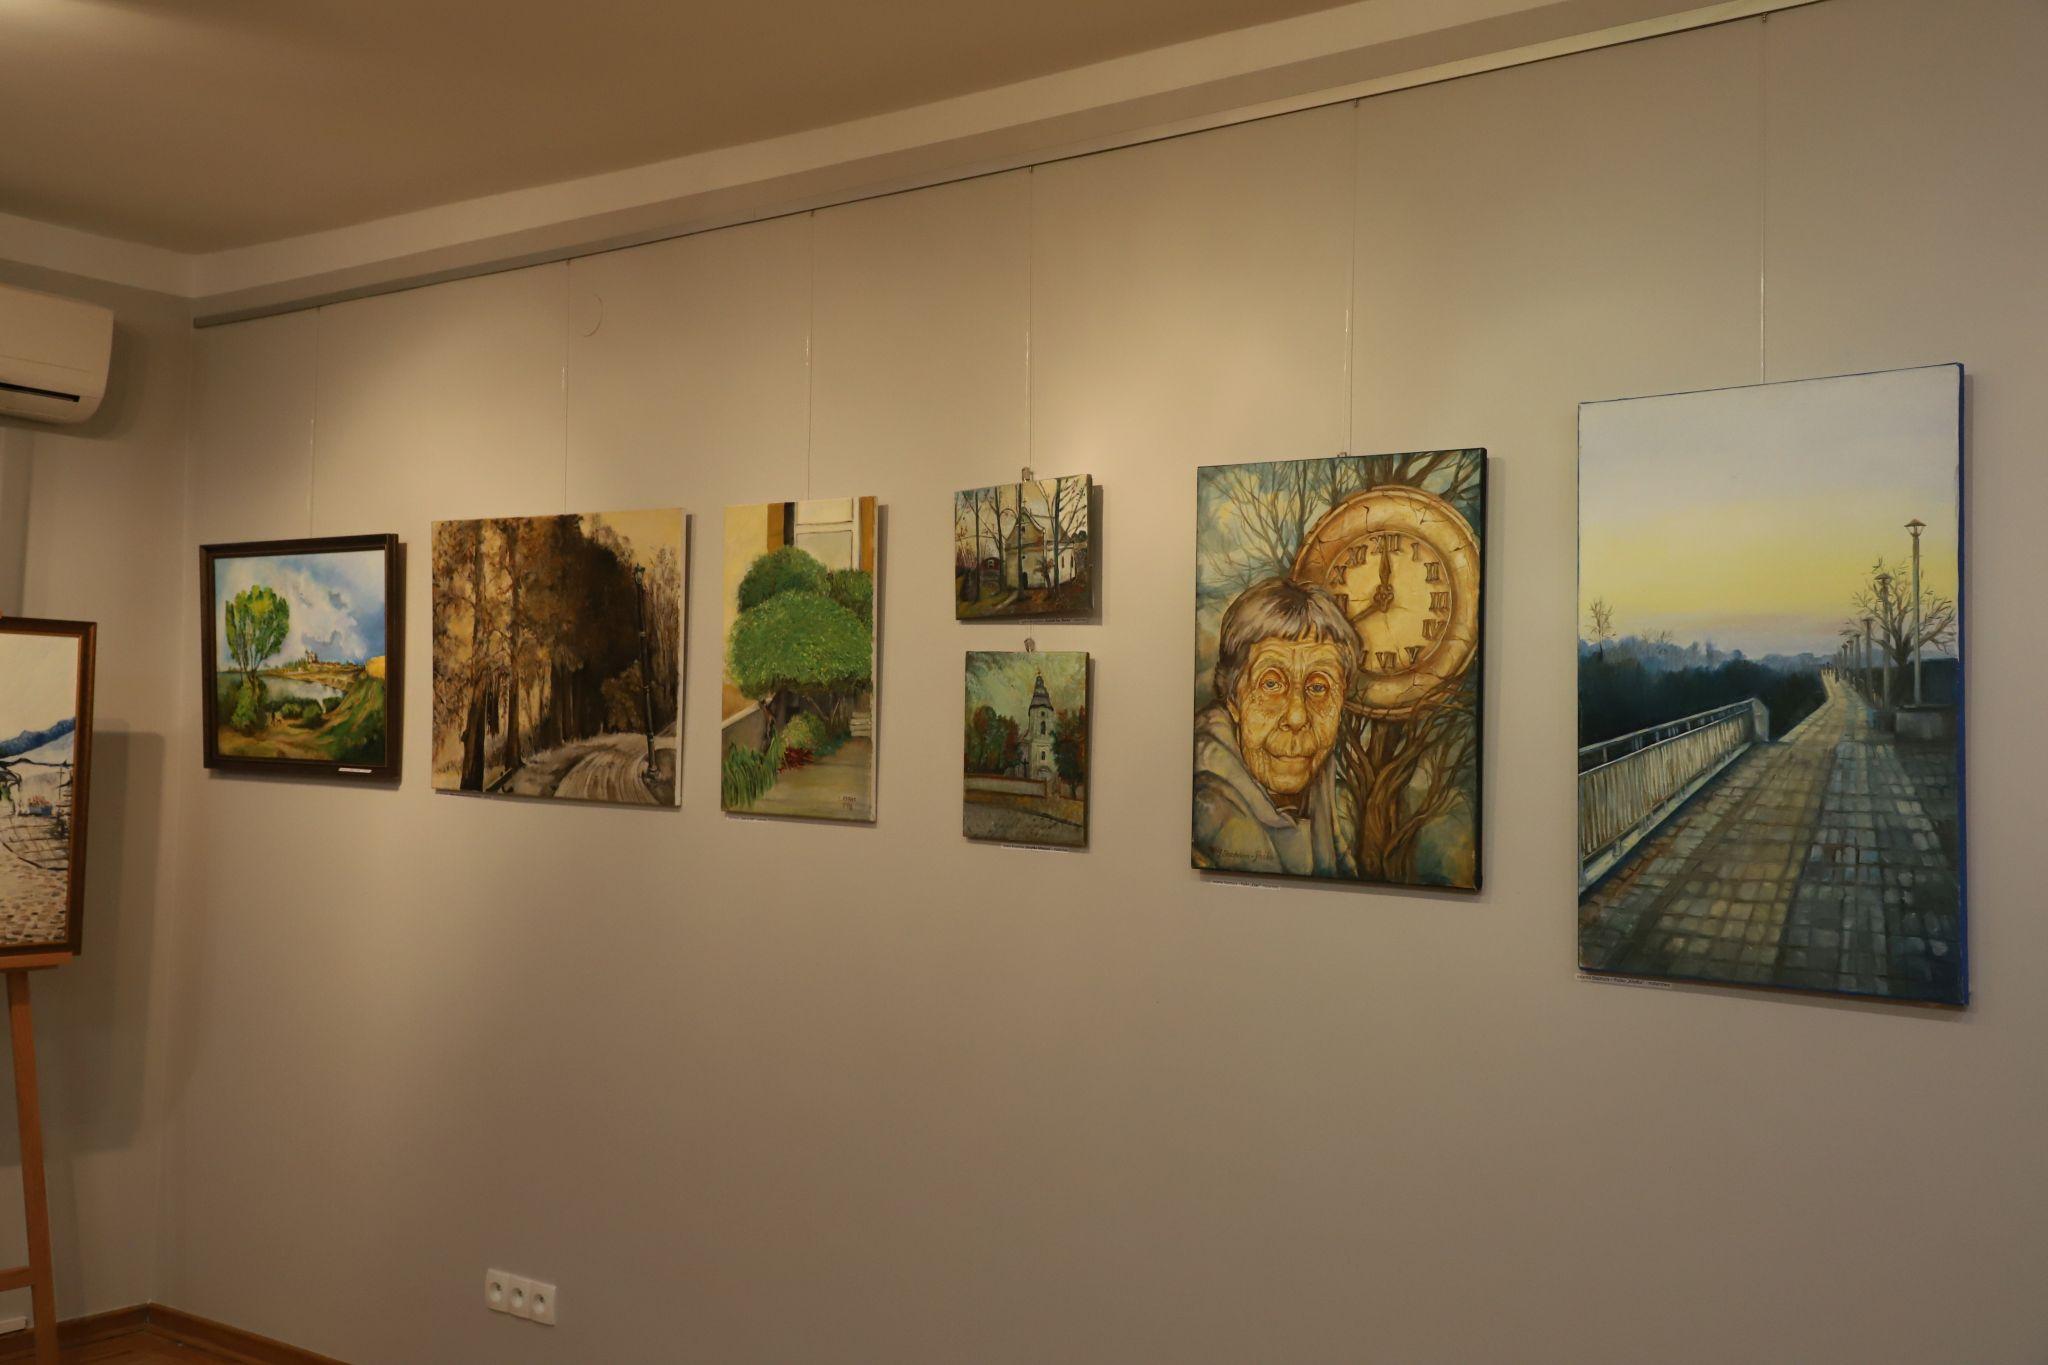 Artyści z regionu prezentują swoje prace w Chorzelowie. Możesz je zobaczyć online [ZDJĘCIA] - Zdjęcie główne